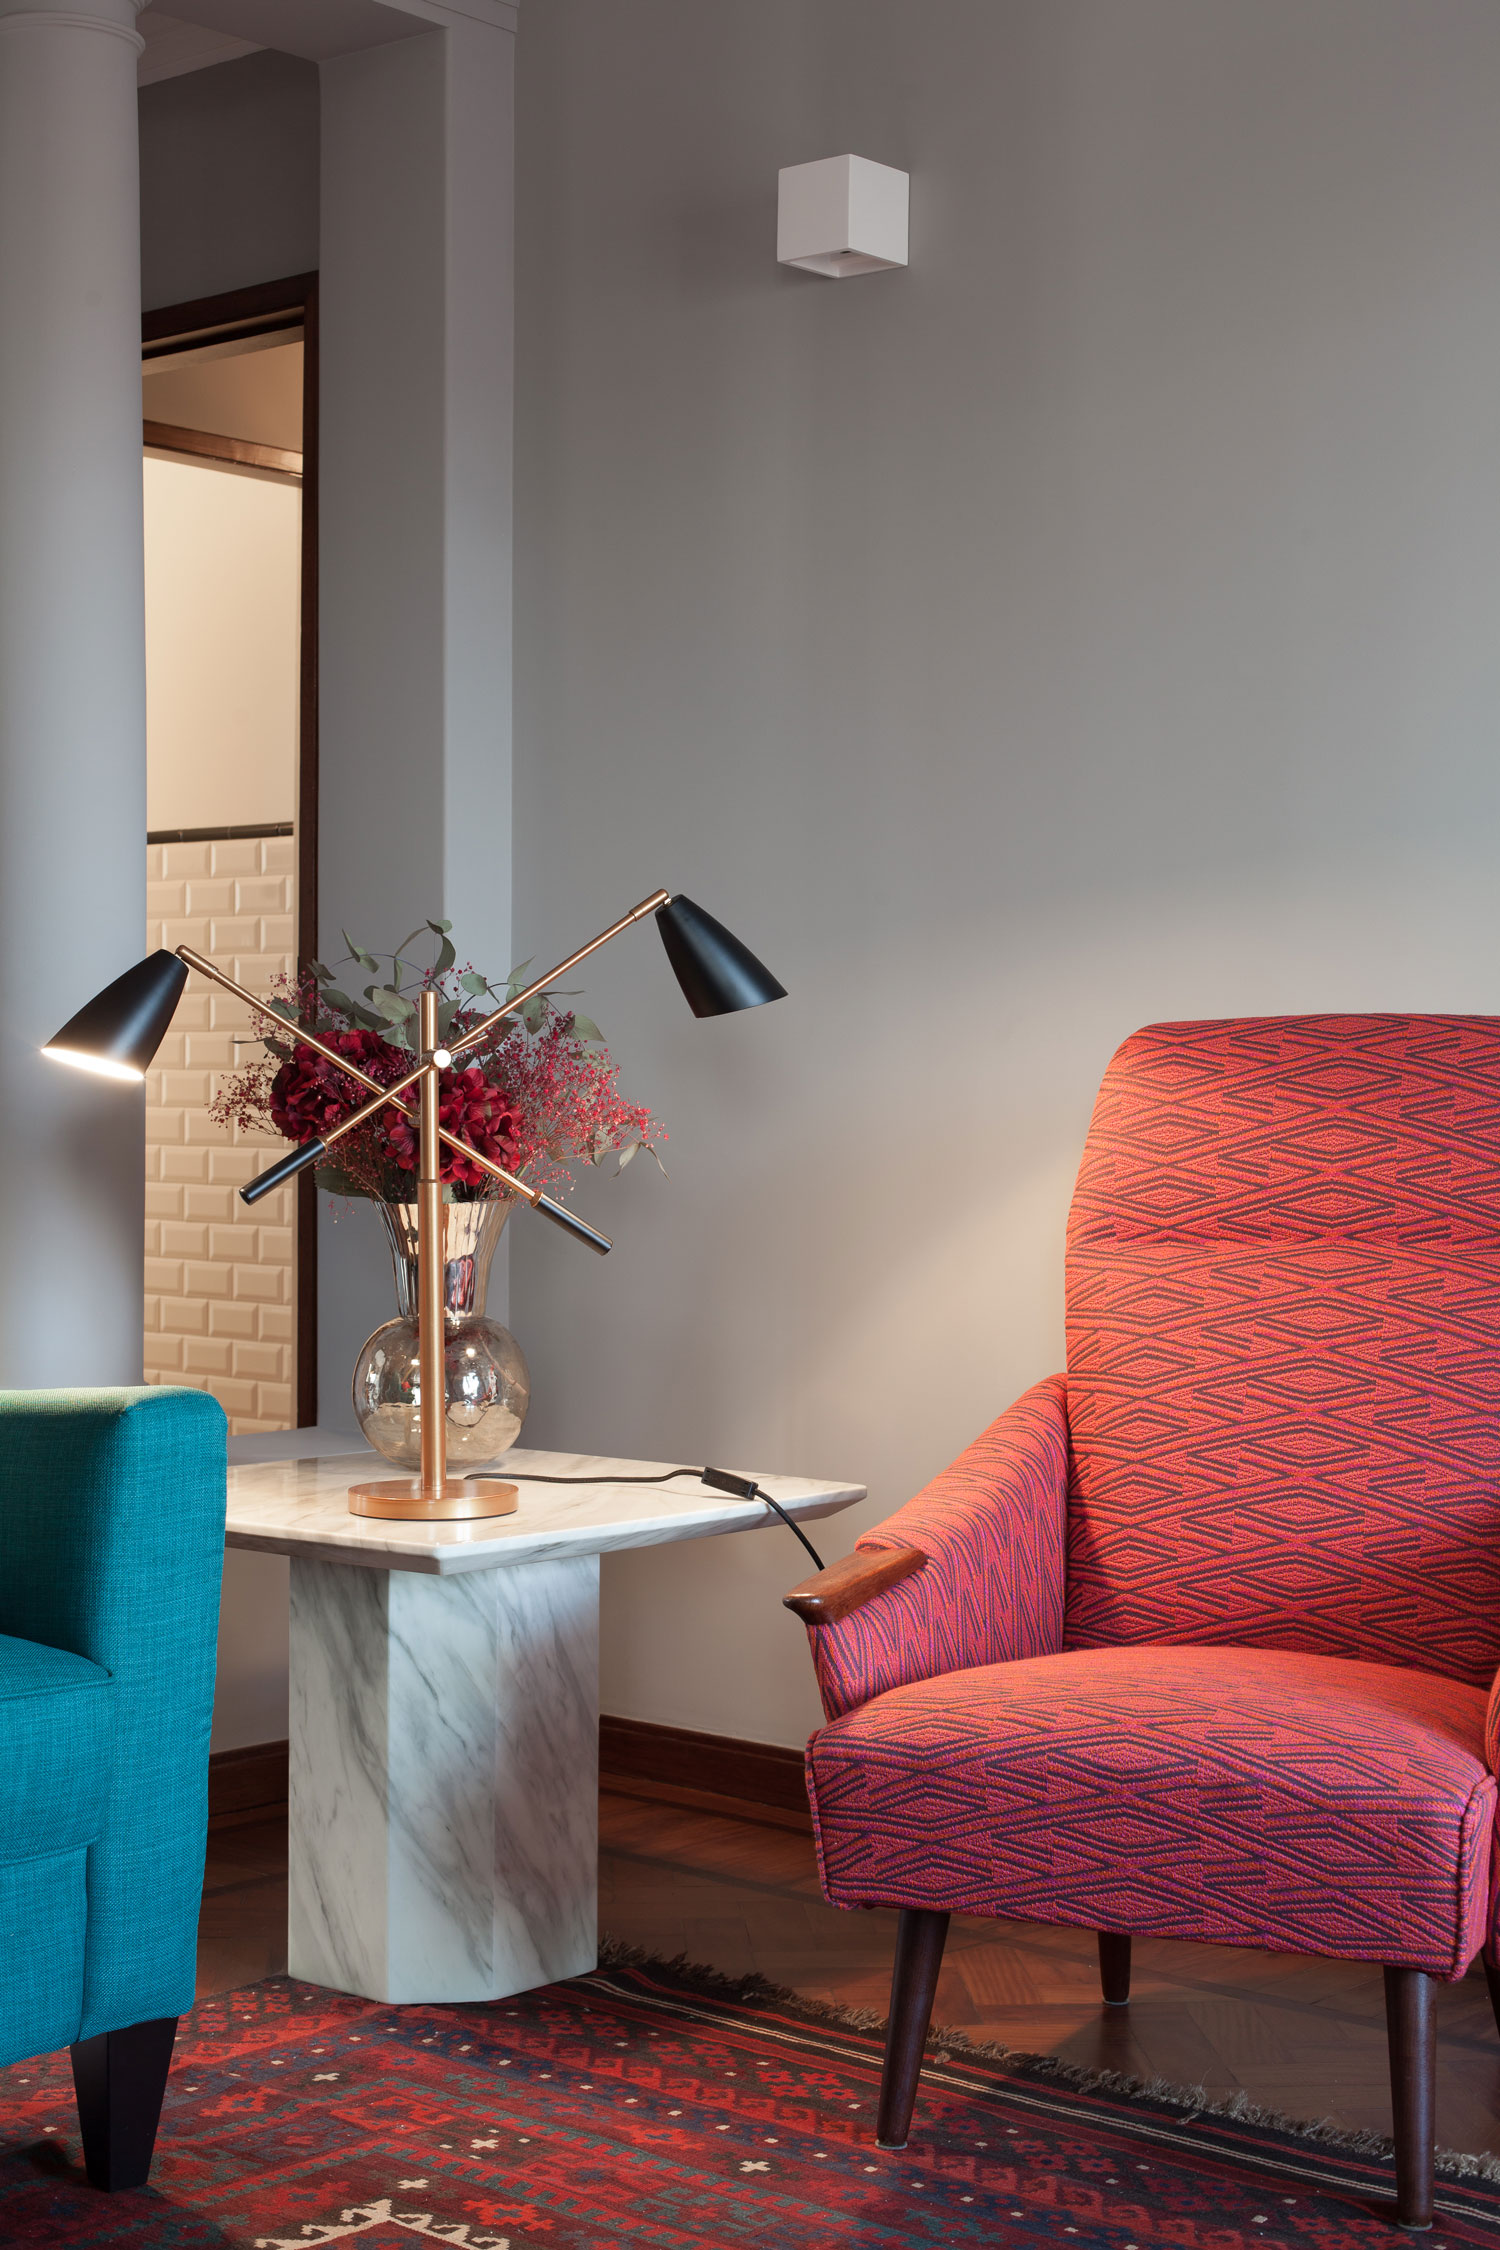 1940s Retro Apartment Renovations, Palacio 7E in Porto by Atelier in.vitro | Yellowtrace